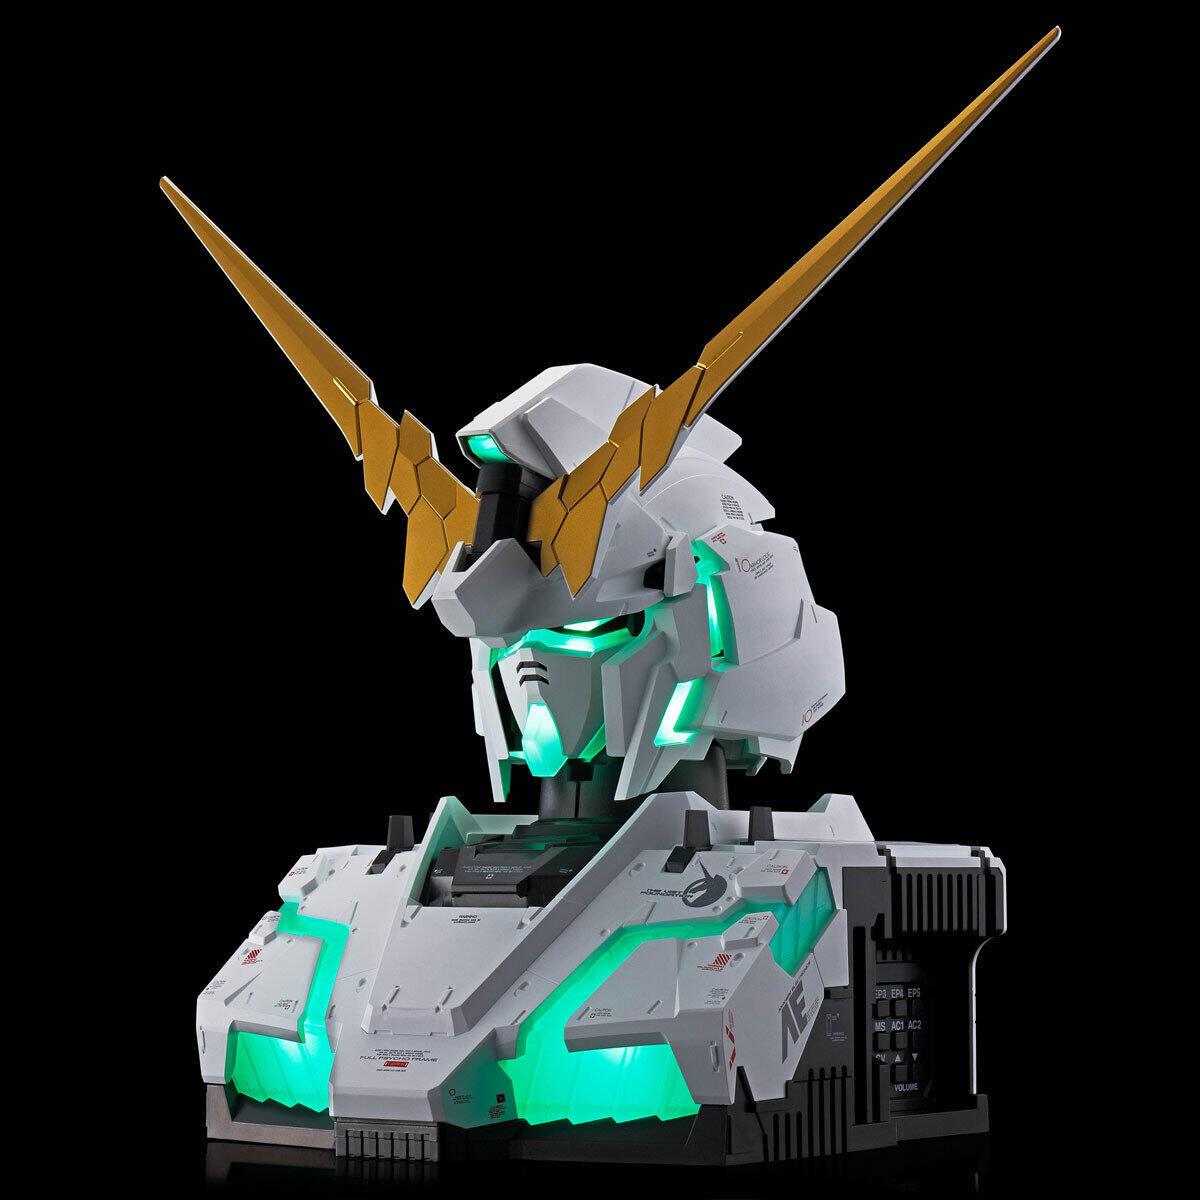 「RX-0 ユニコーンガンダム」 変身シーンを再現可能な胸像ガンプラ